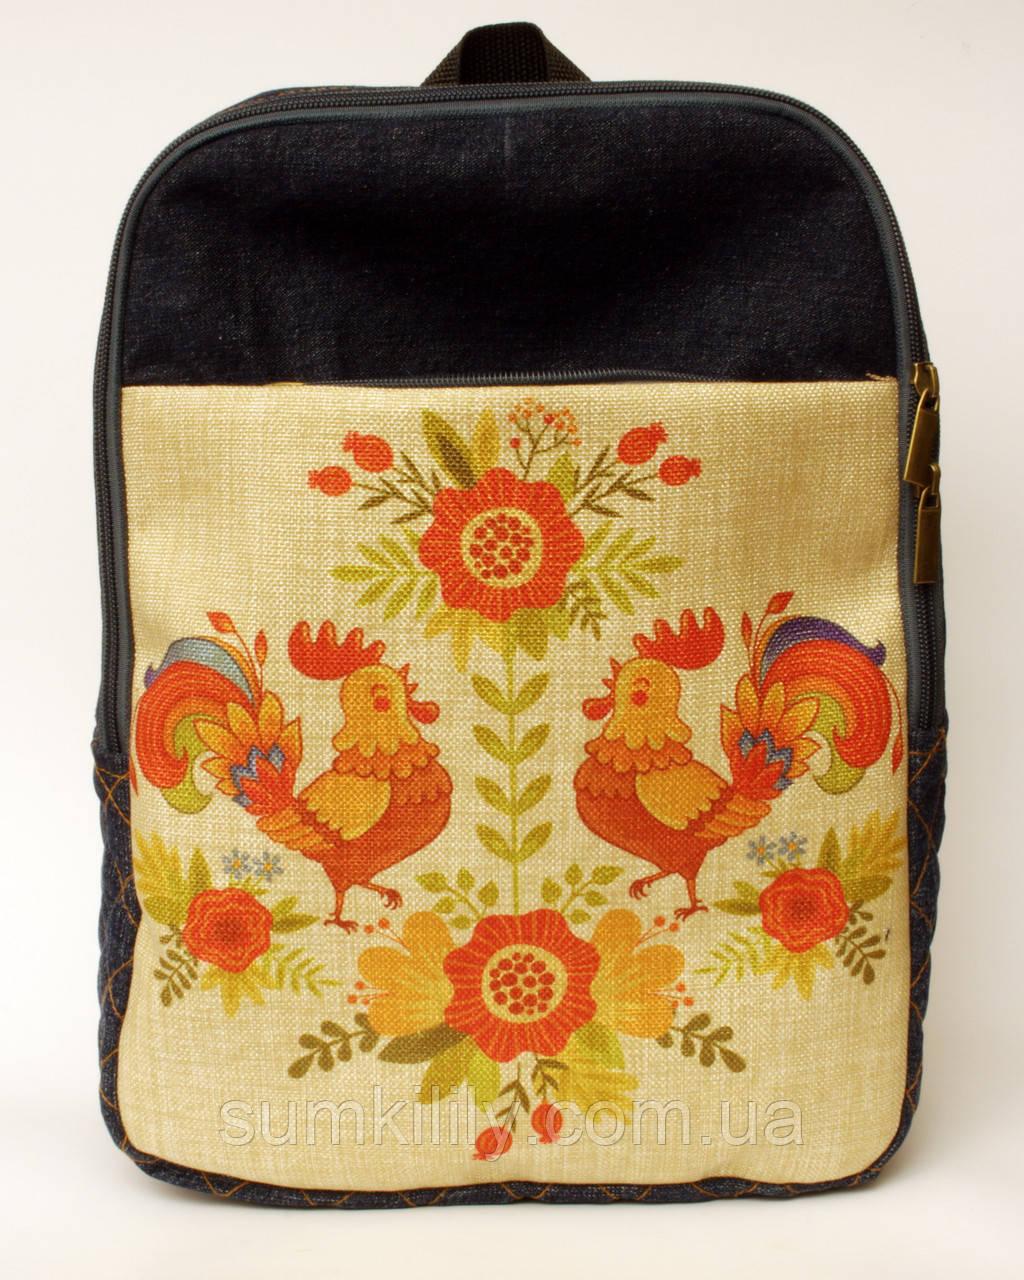 Джинсовый рюкзак петушки